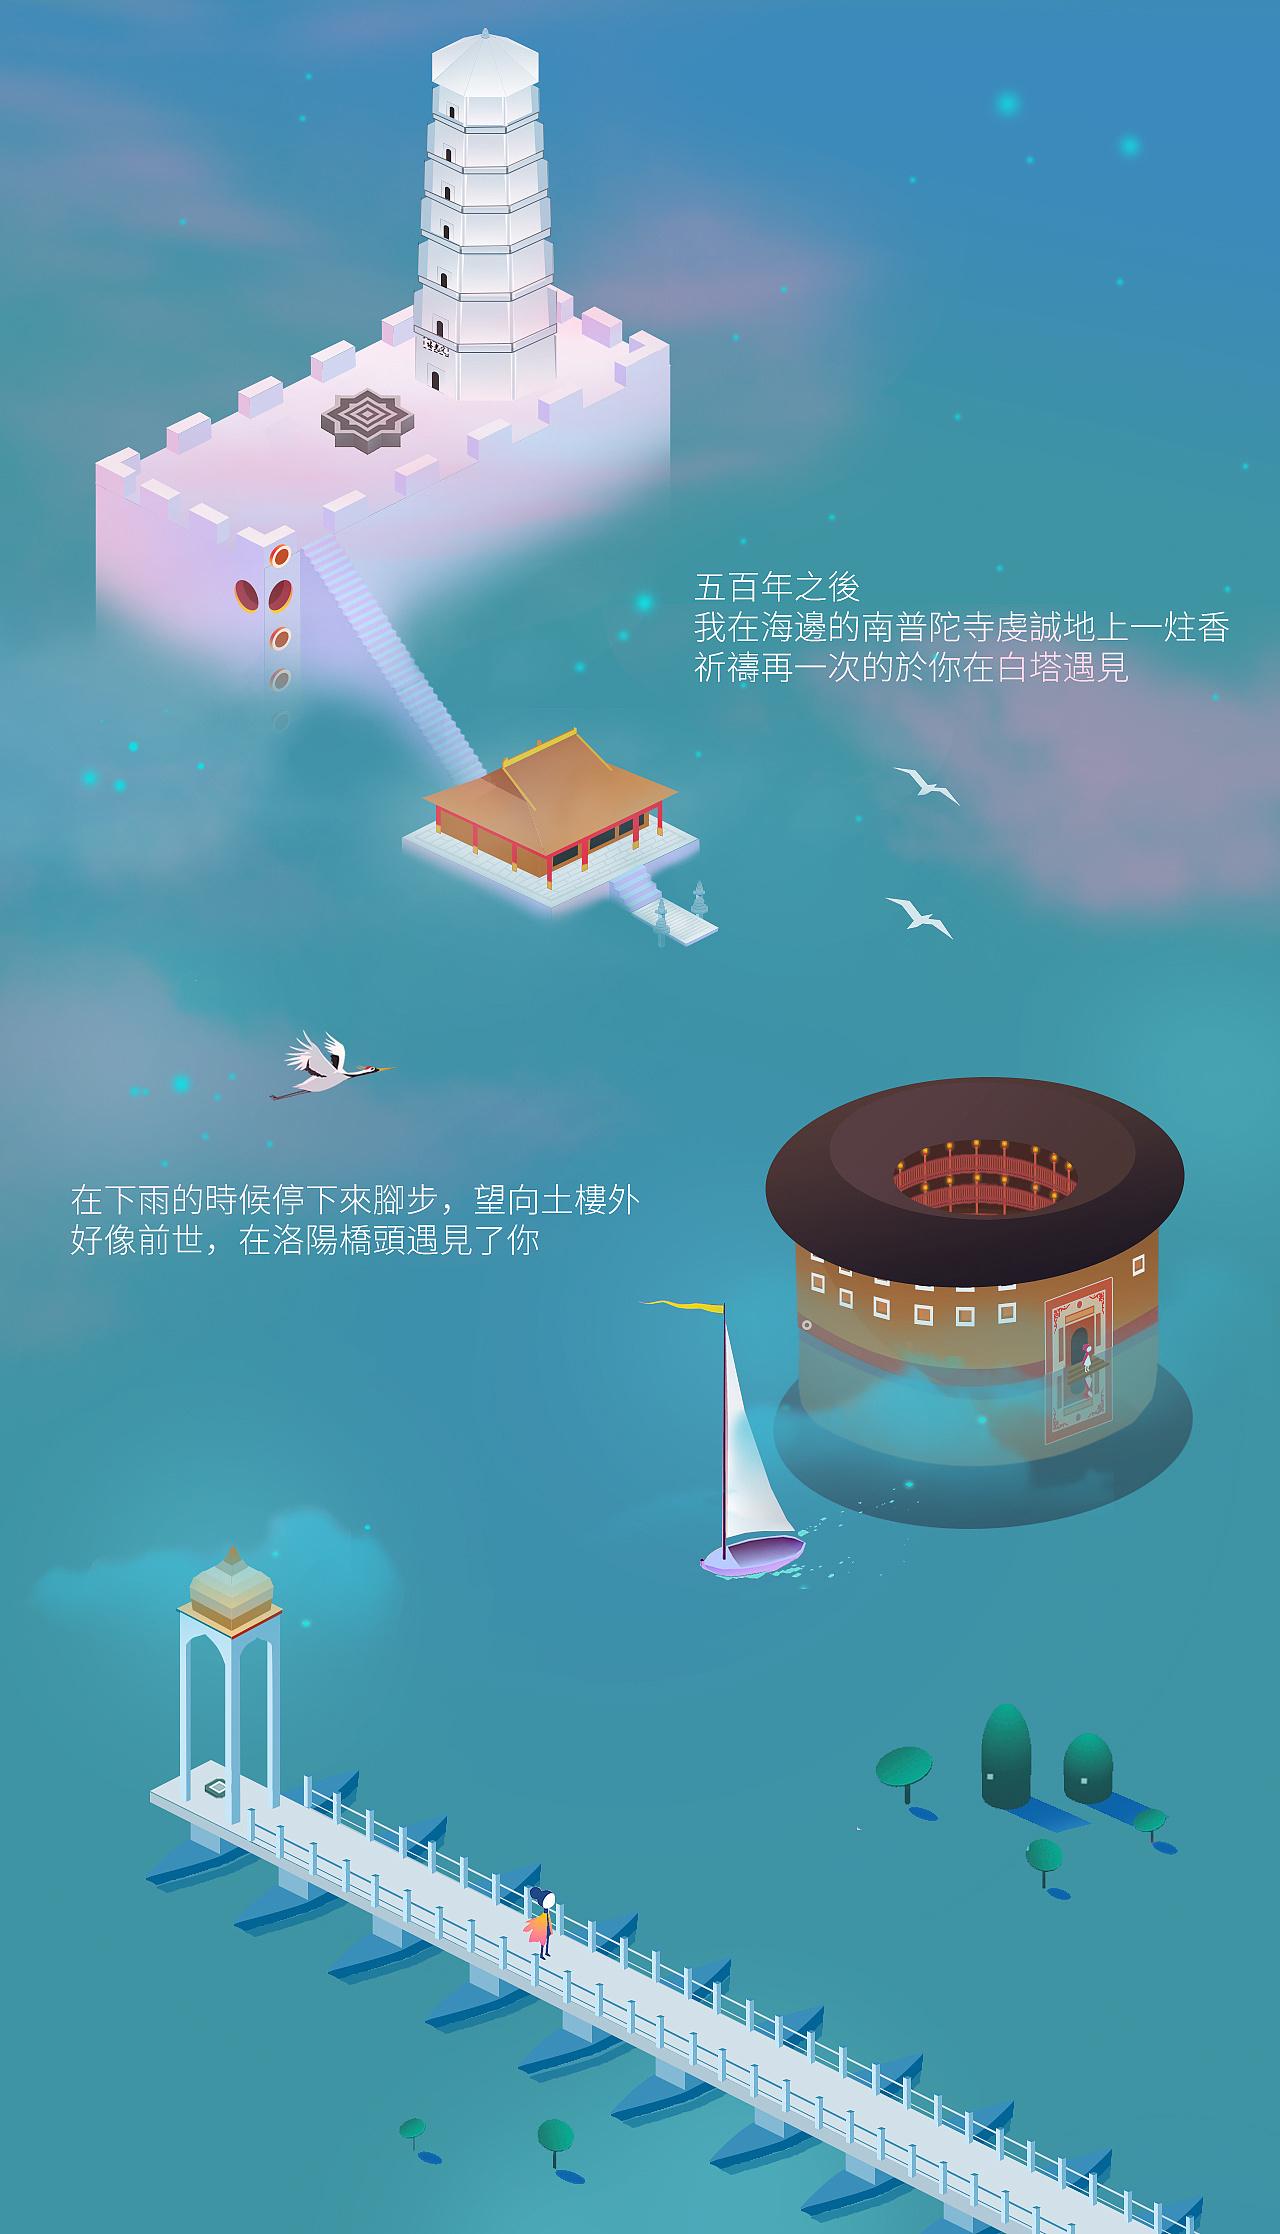 一炷香的时间_纪念碑谷·遇见福建 插画 商业插画 大勝 - 原创作品 - 站酷 (ZCOOL)